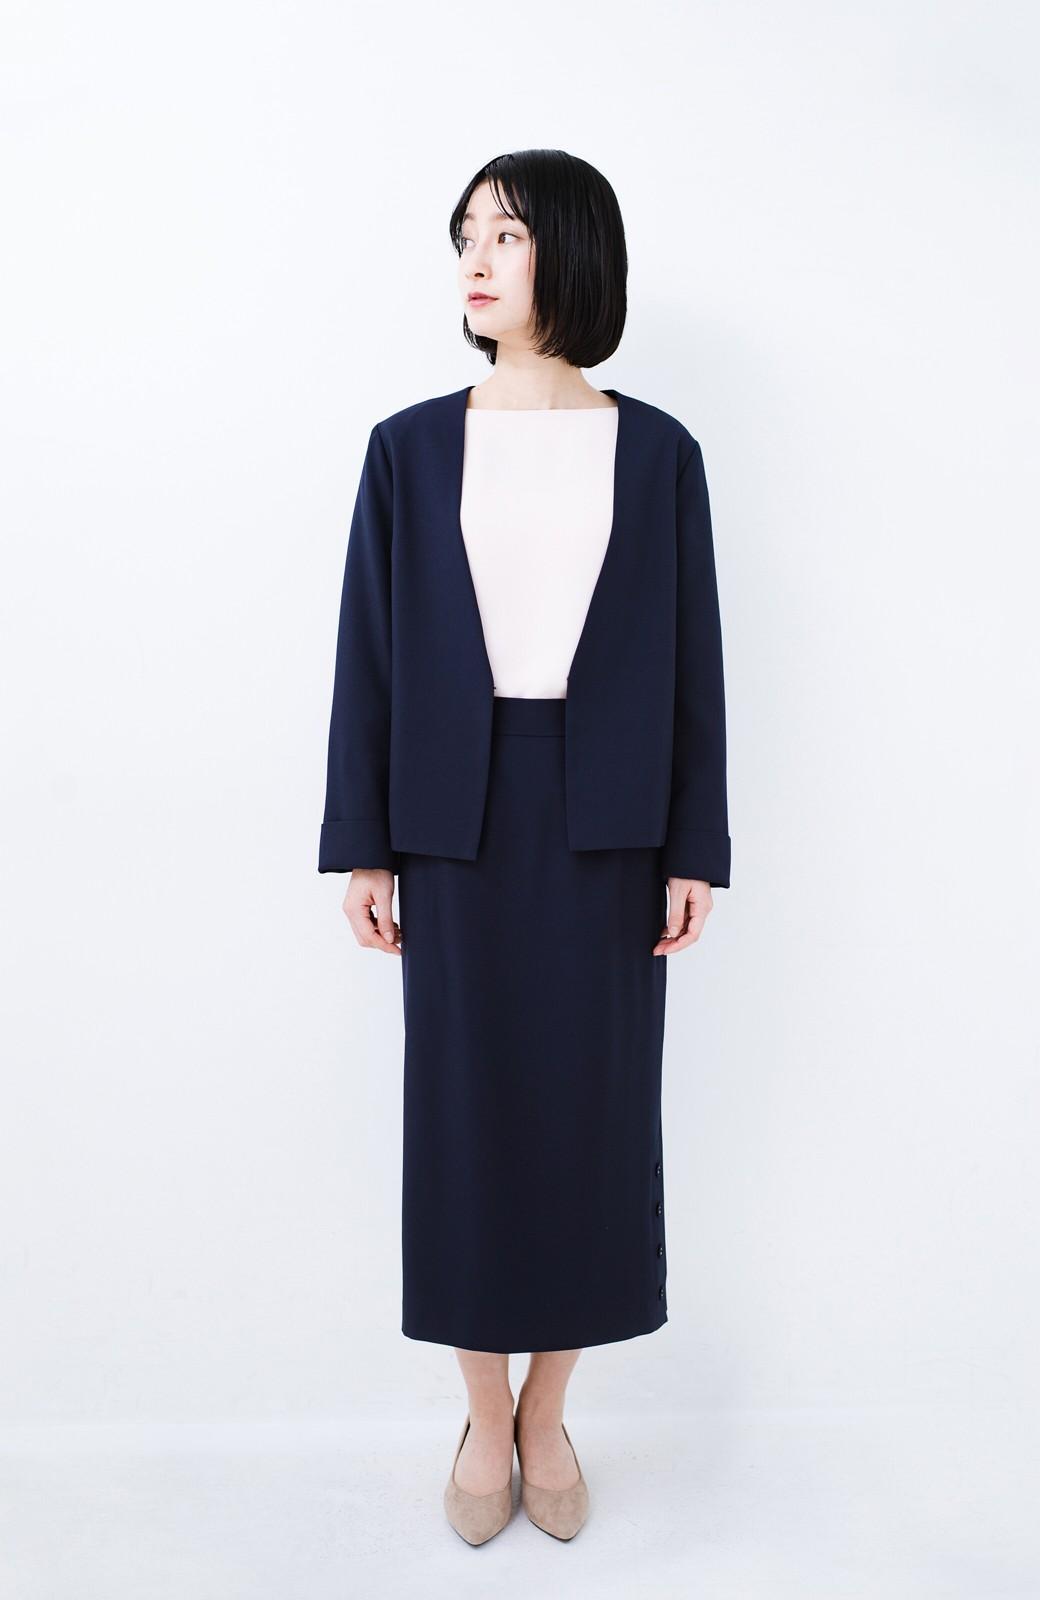 haco! 持っていると便利な野暮ったくならないフォーマルジャケット・パンツ・スカートの3点セット <ダークネイビー>の商品写真6